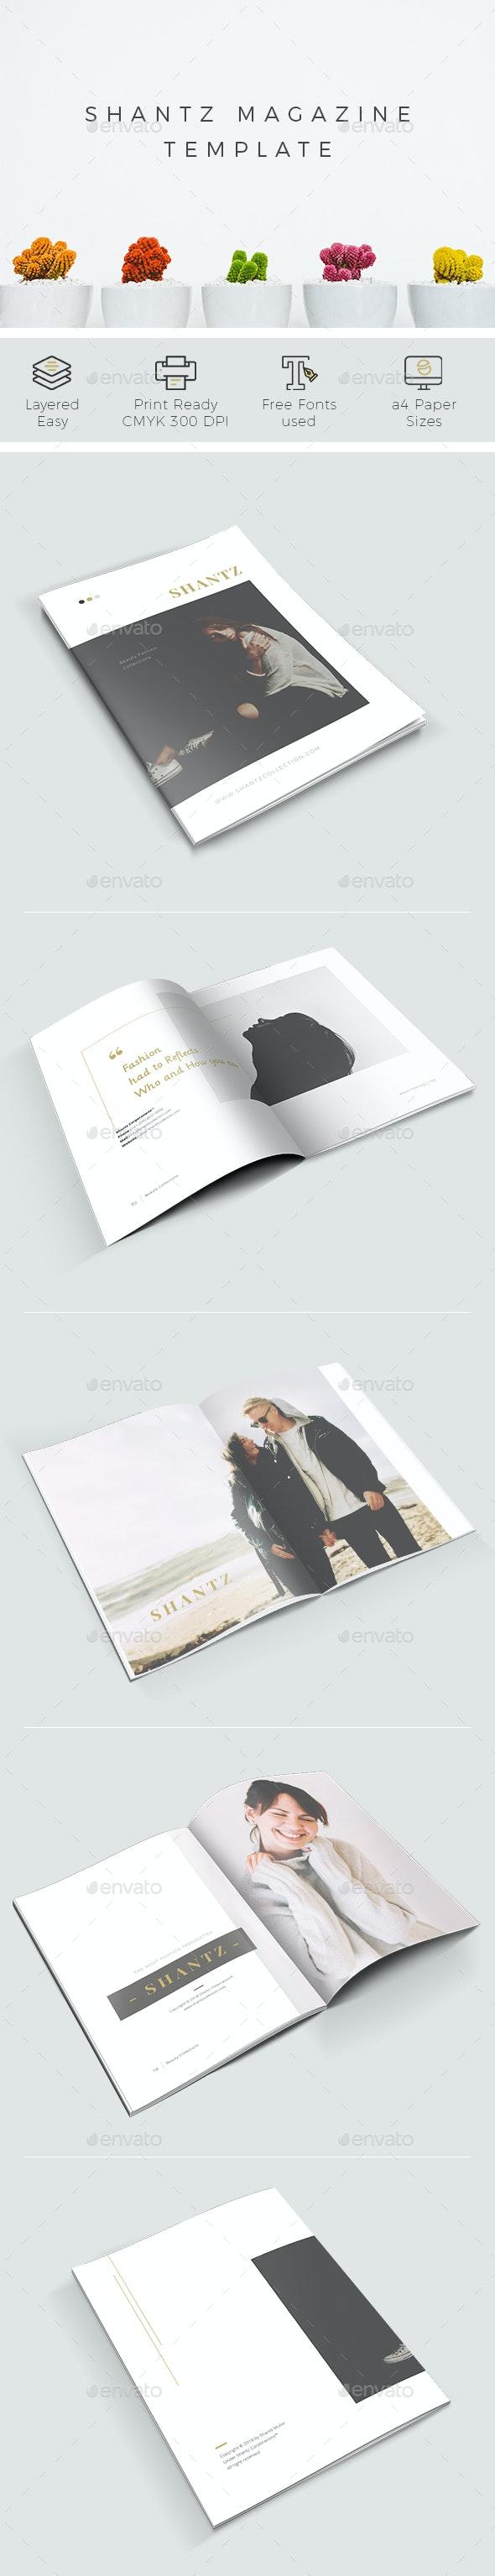 Shantz Lookbook Magazines - Print Templates